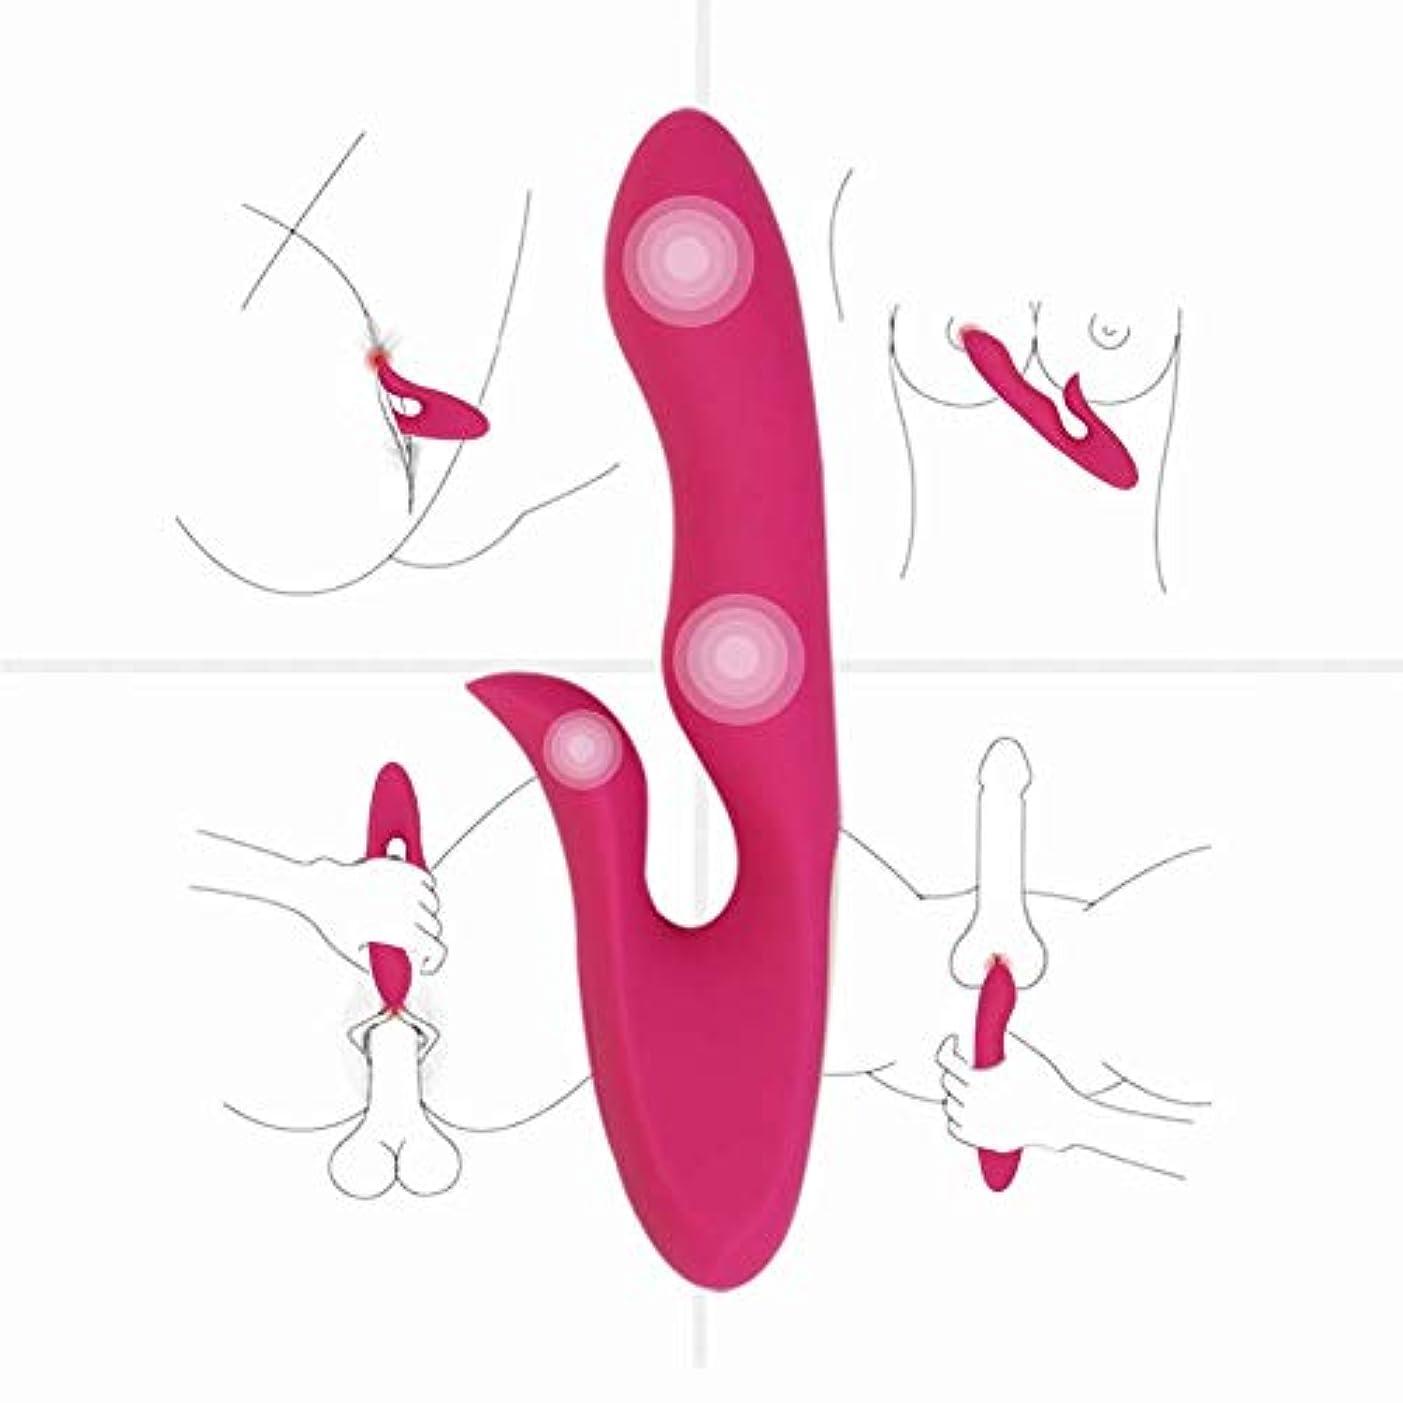 蒸発ドック連鎖セックス指バイブレーターセックストイズのために女性3モーター 8 + 6 モードウサギ G スポットバイブレーター陰核膣大人トイズディルド Masturbator